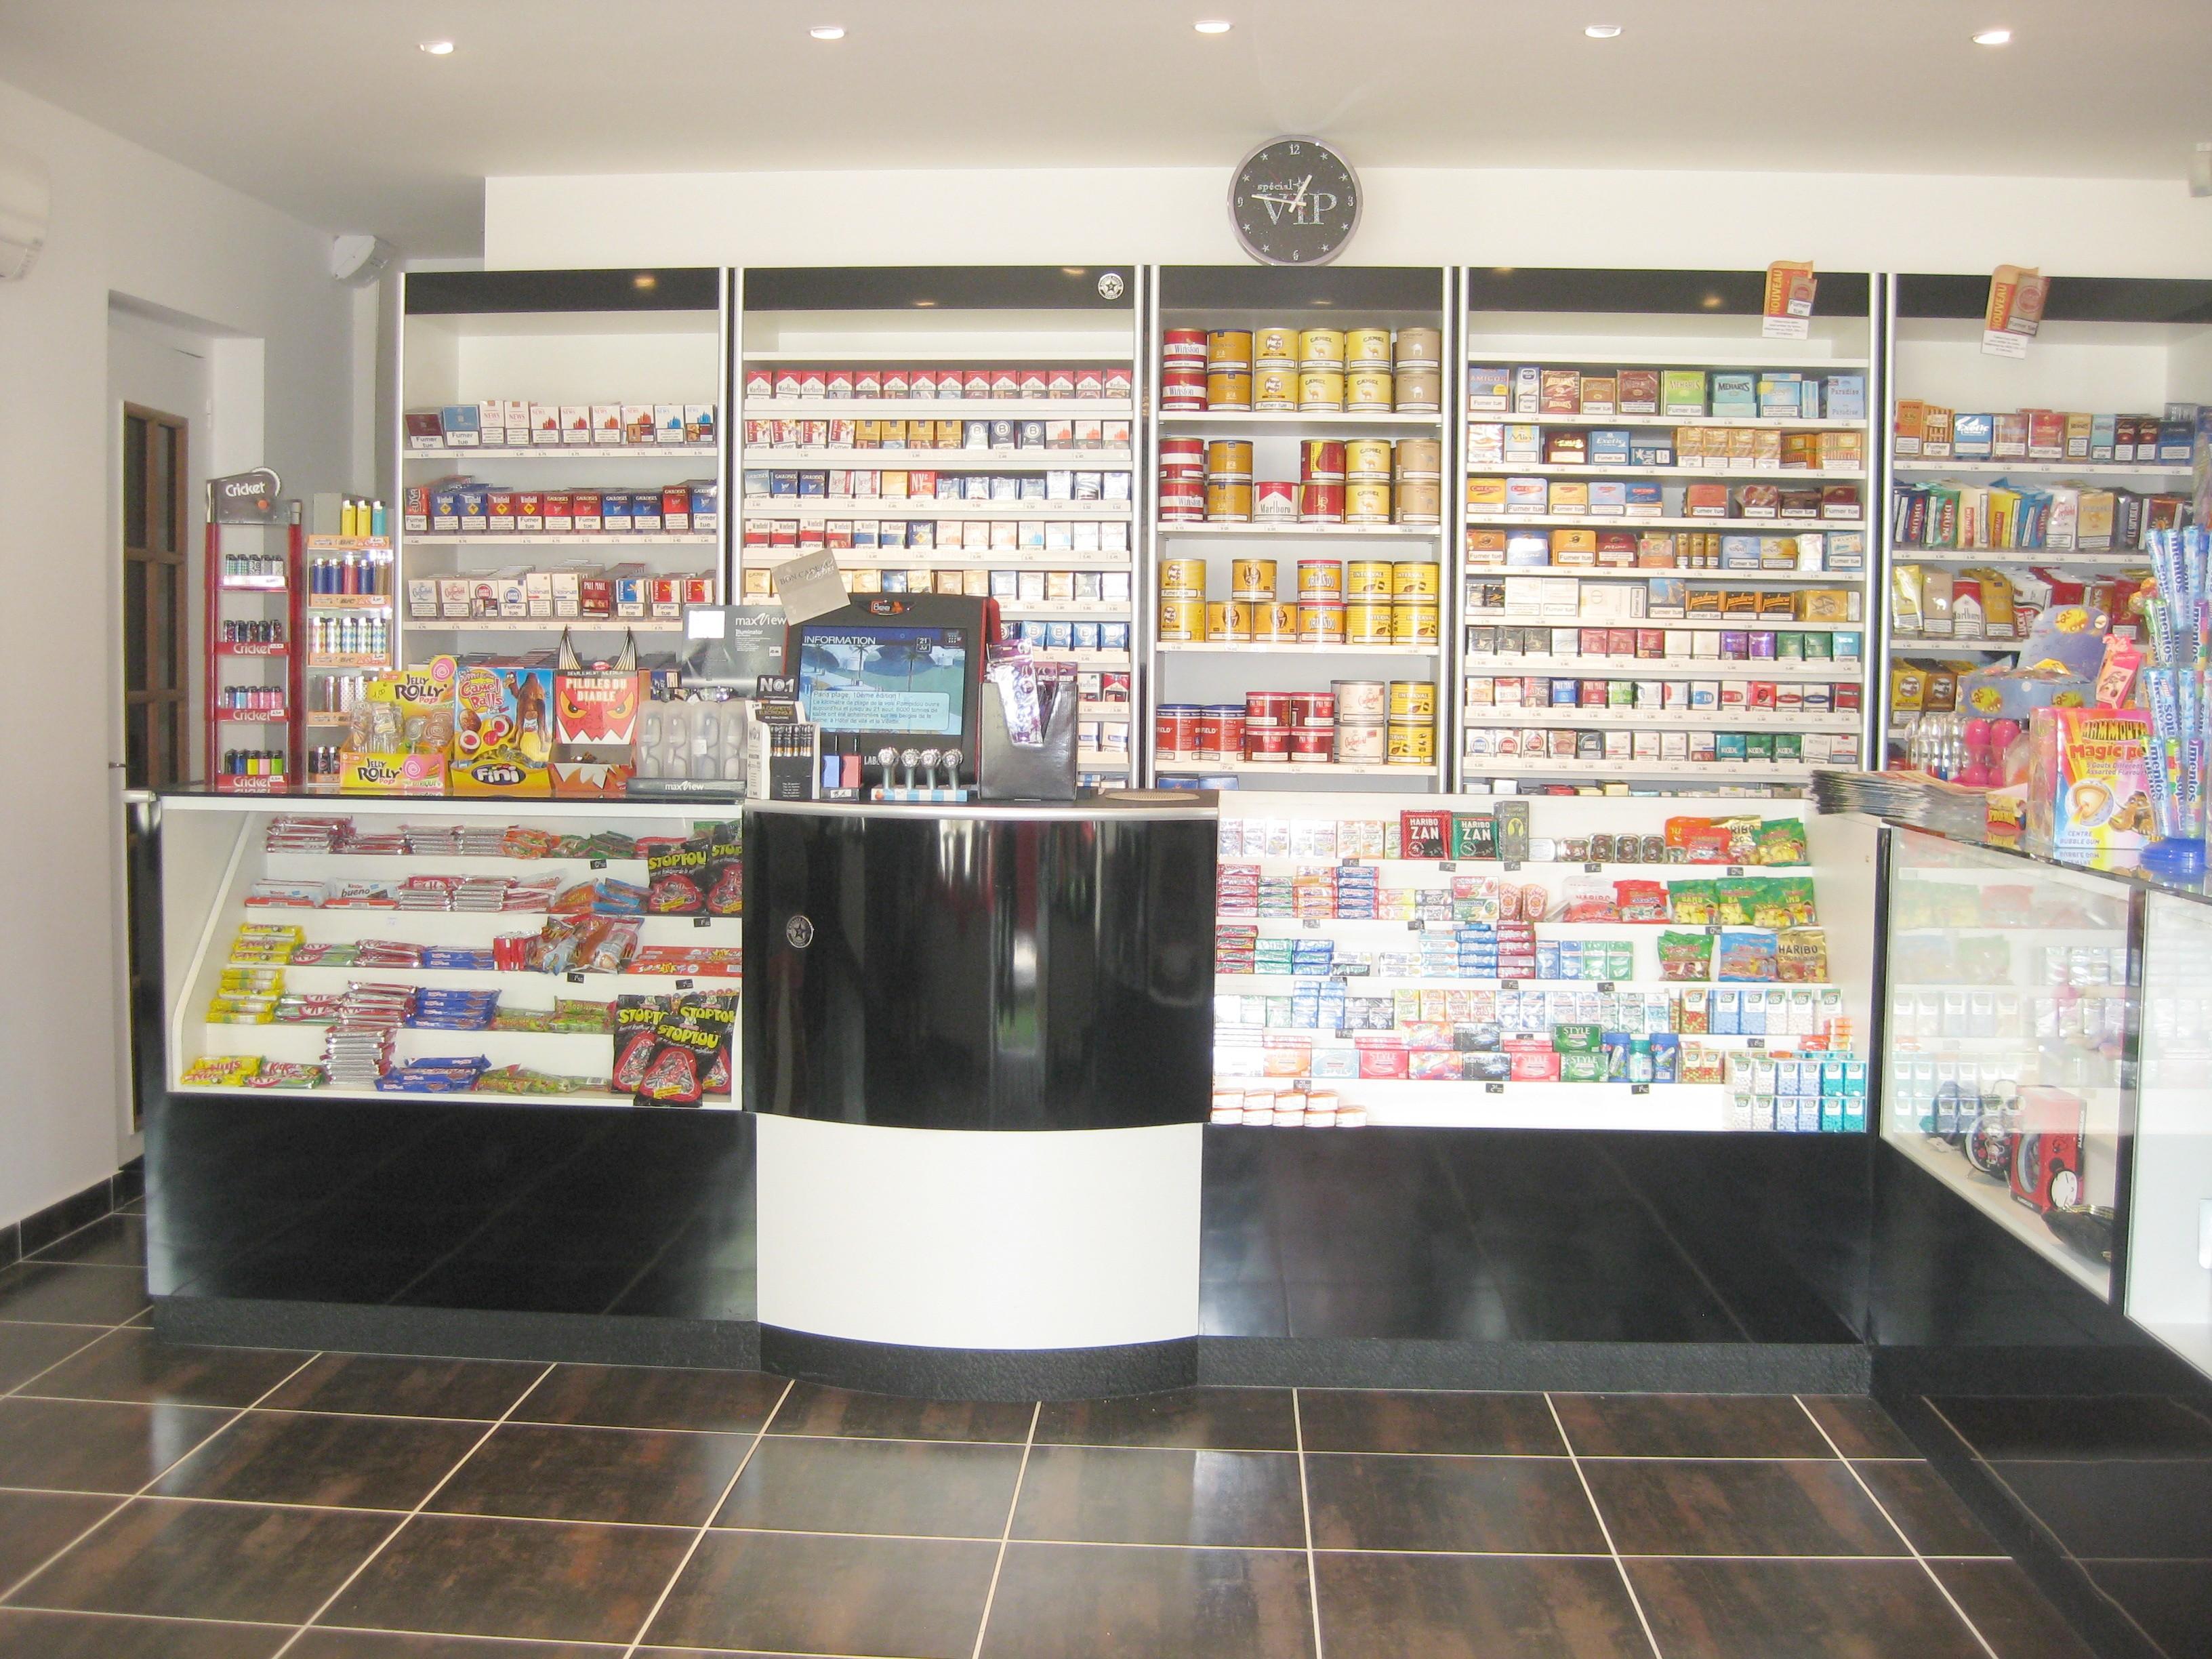 ... negozi, Arredamenti Per Rivendite Tabacchi, Scaffali per Tabaccheria